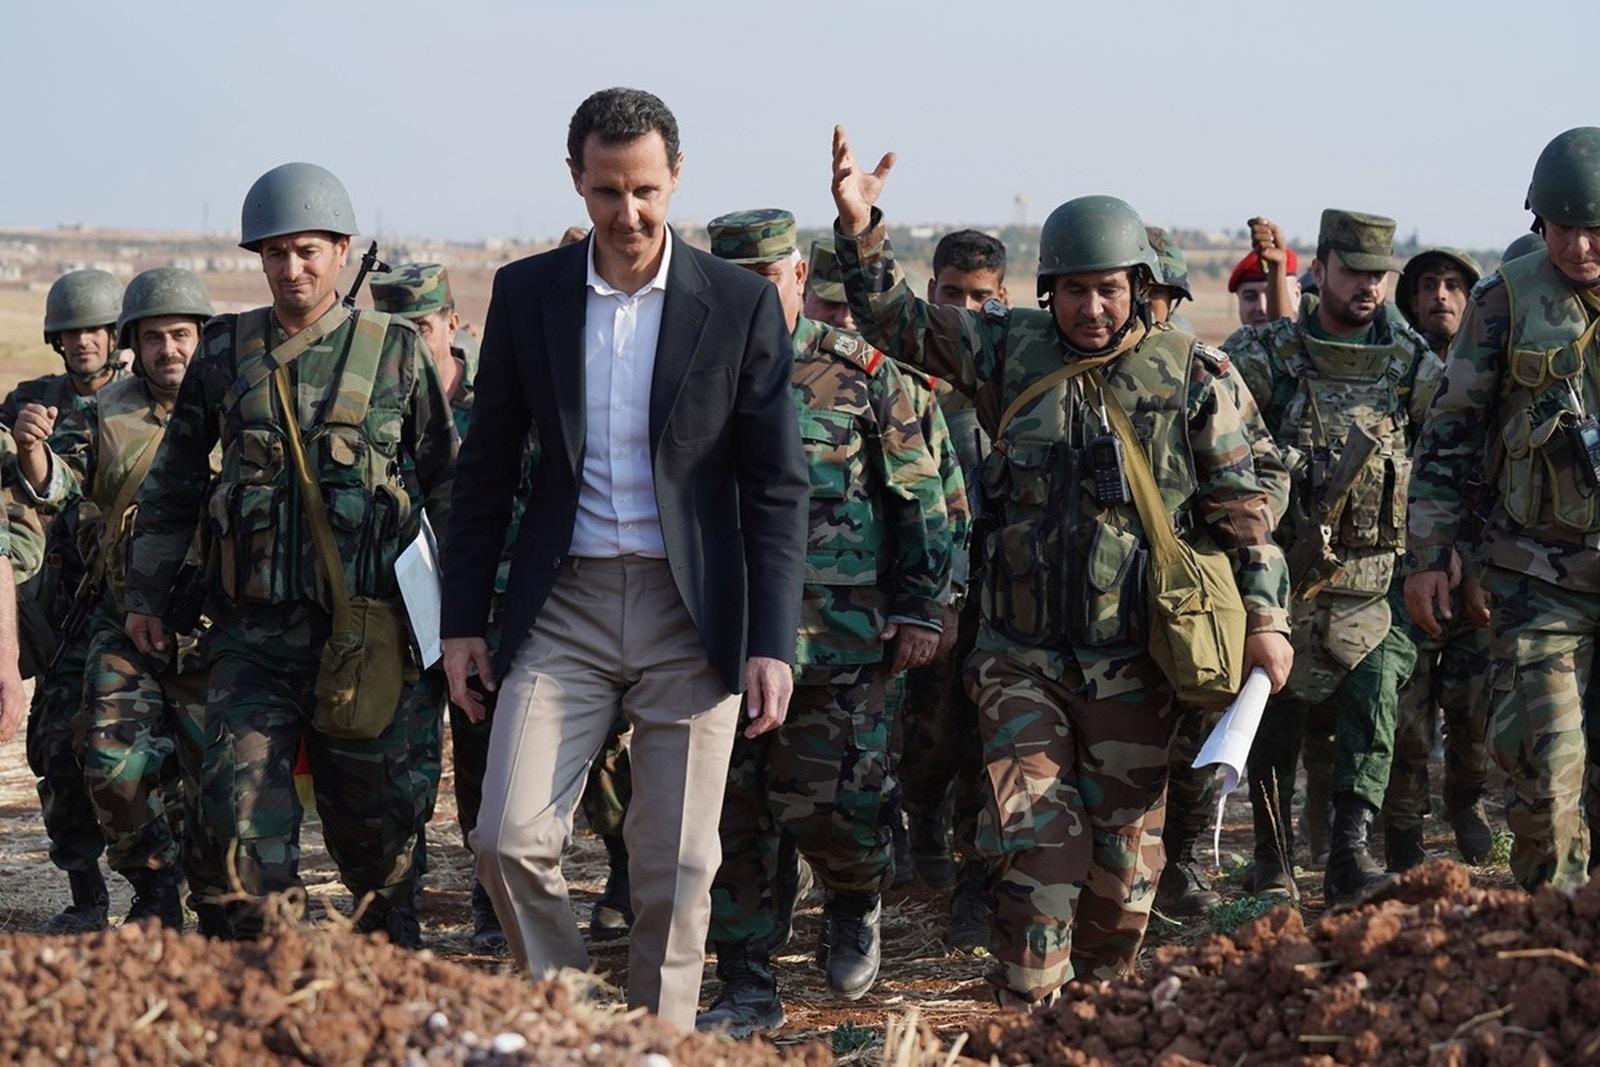 统一阿拉伯的大国梦破碎后 叙利亚连自保都难